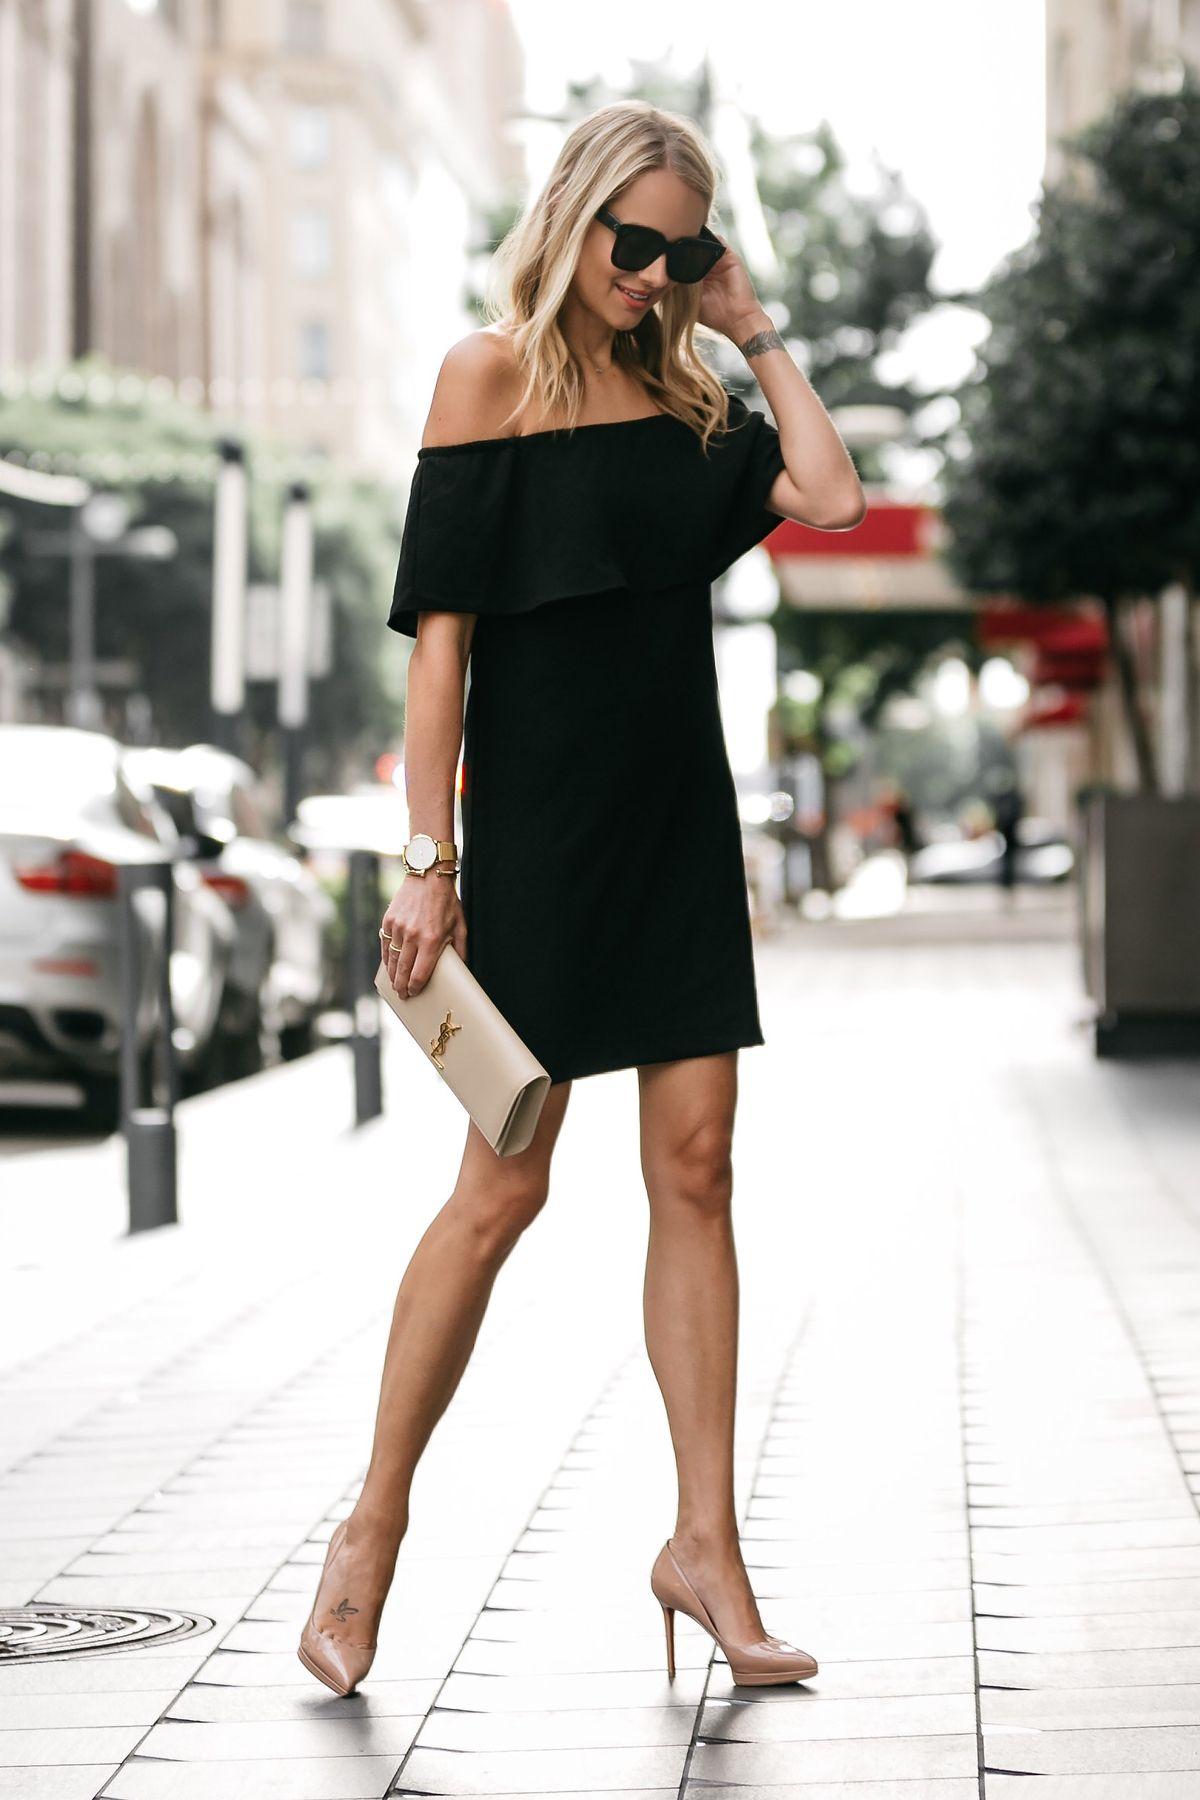 phong cách thời trang tinh tế cùng sắc trắng đen 3